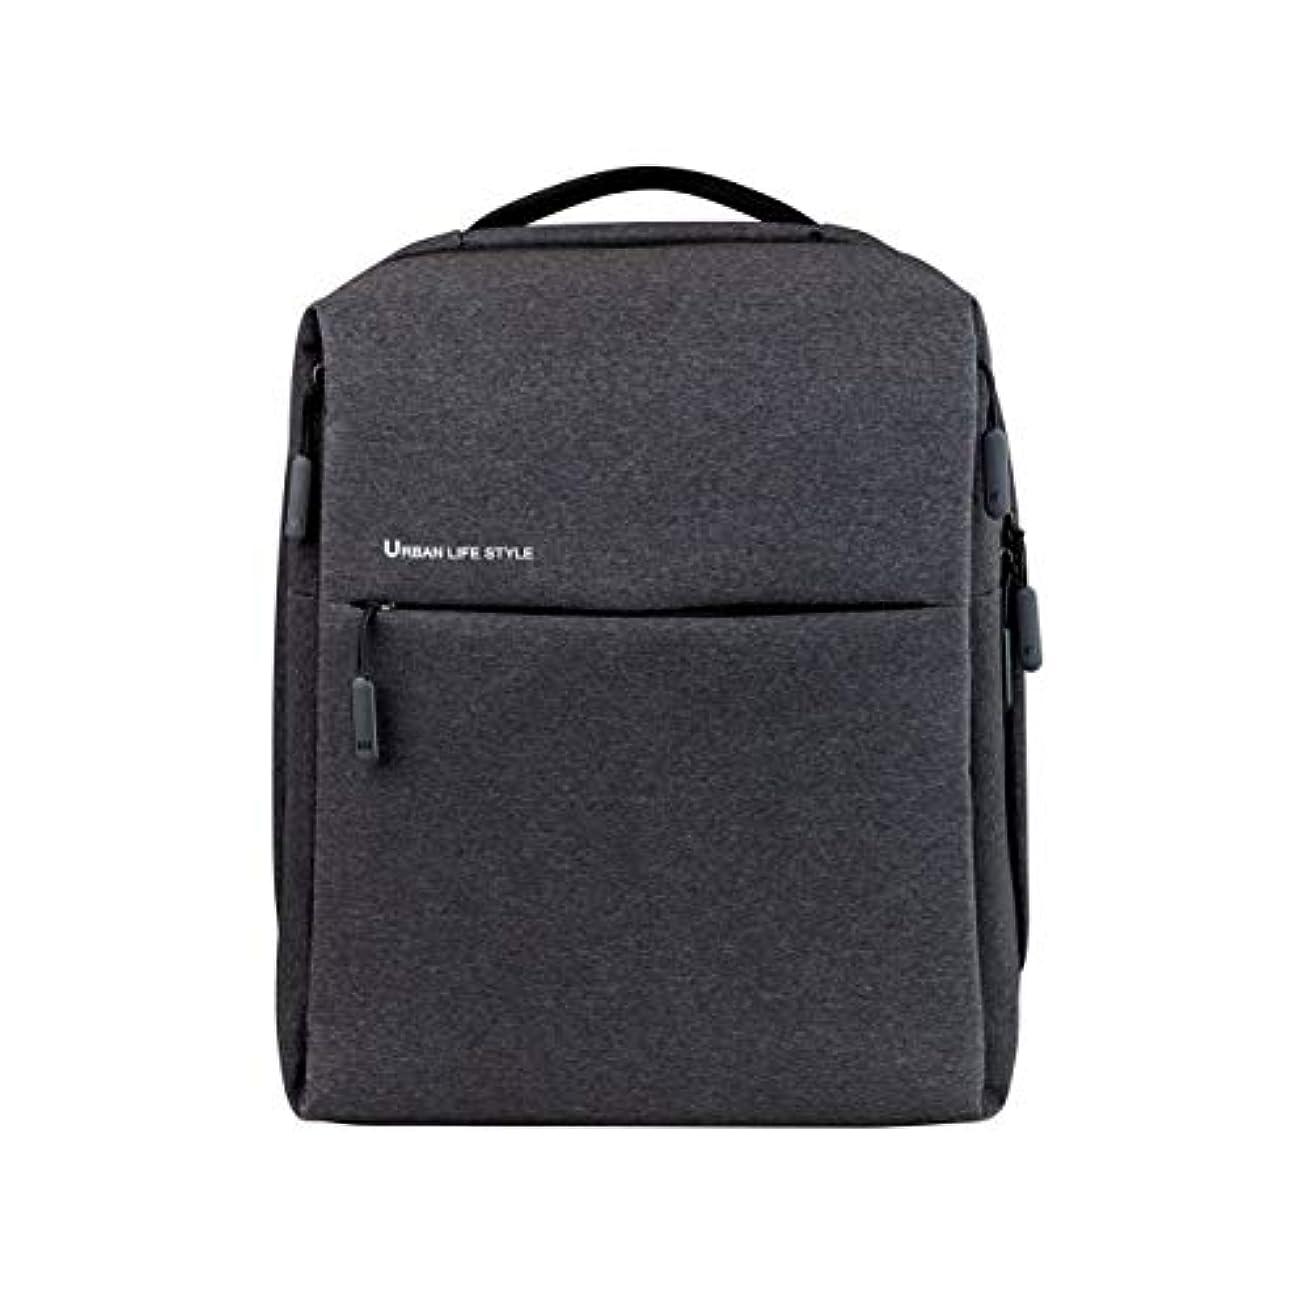 エトナ山事件、出来事アイザックDeeploveUU Xiaomi Miユニセックス防水ミニマリスト耐久性のあるレジャー旅行バックパック都市生活スタイルシティバッグラップトップバックパック中